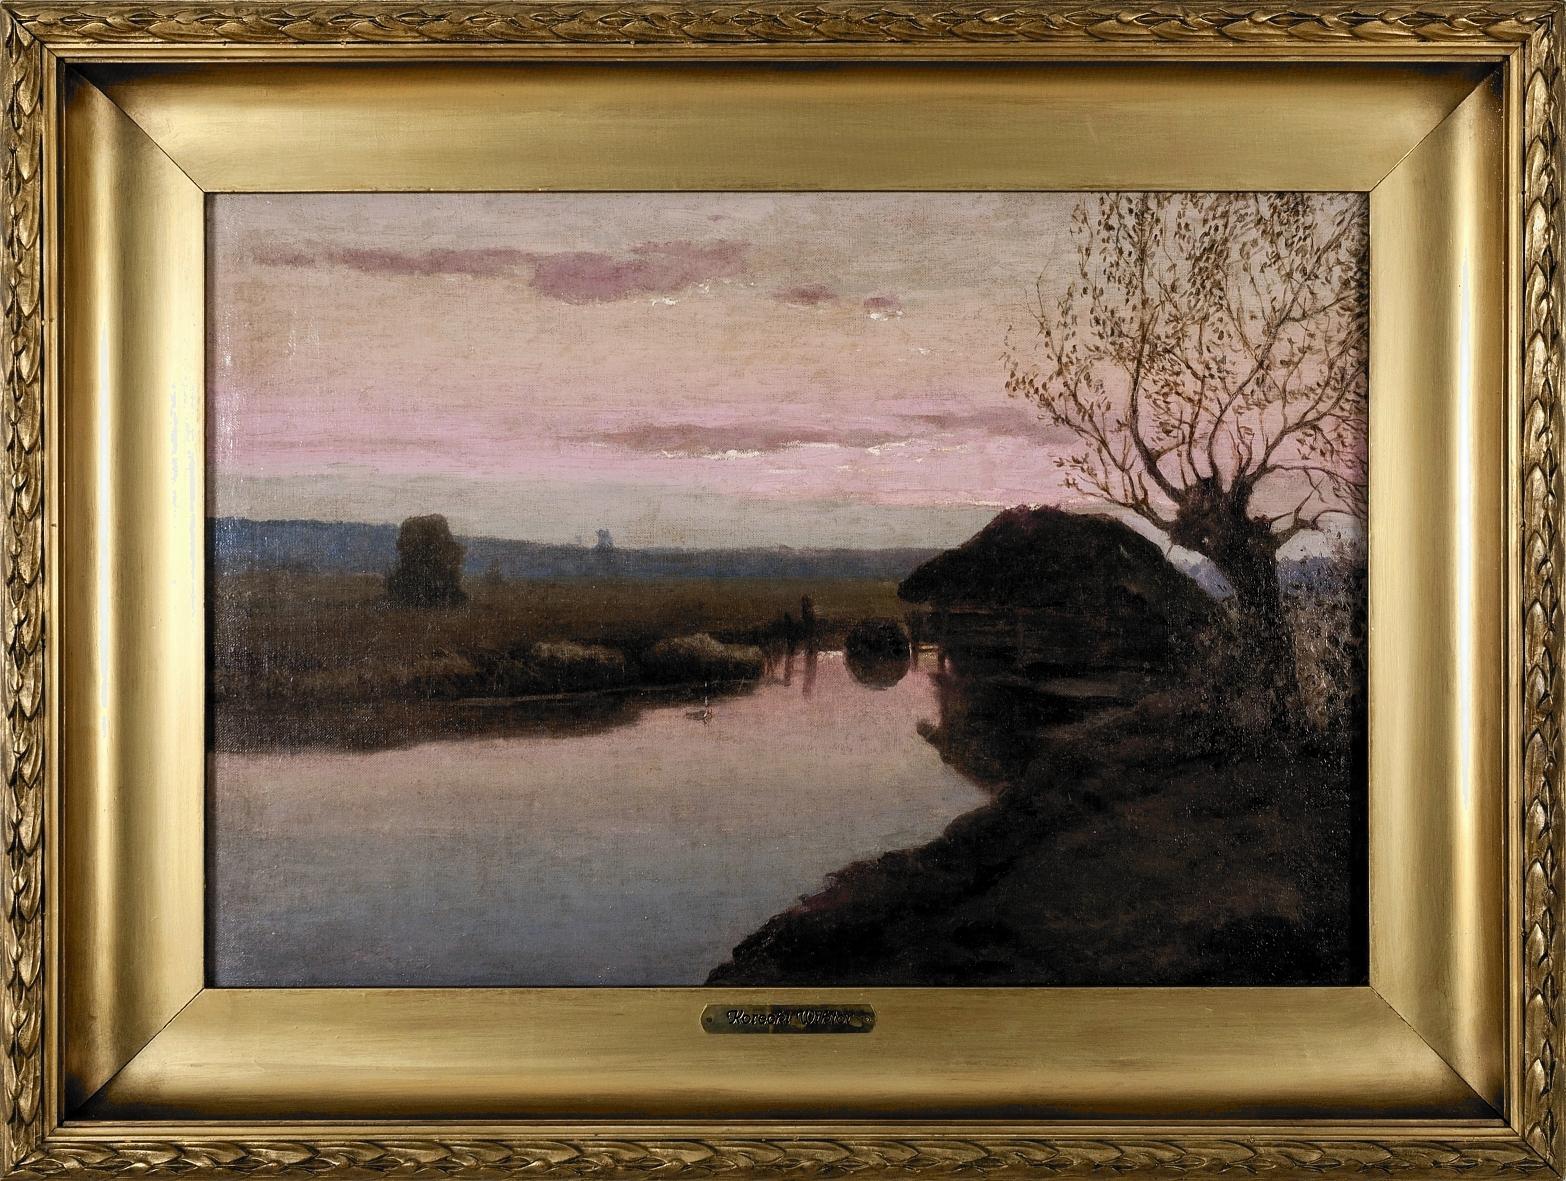 Korecki Wiktor (1890-1980), Młyn o zachodzie słońca, 1931